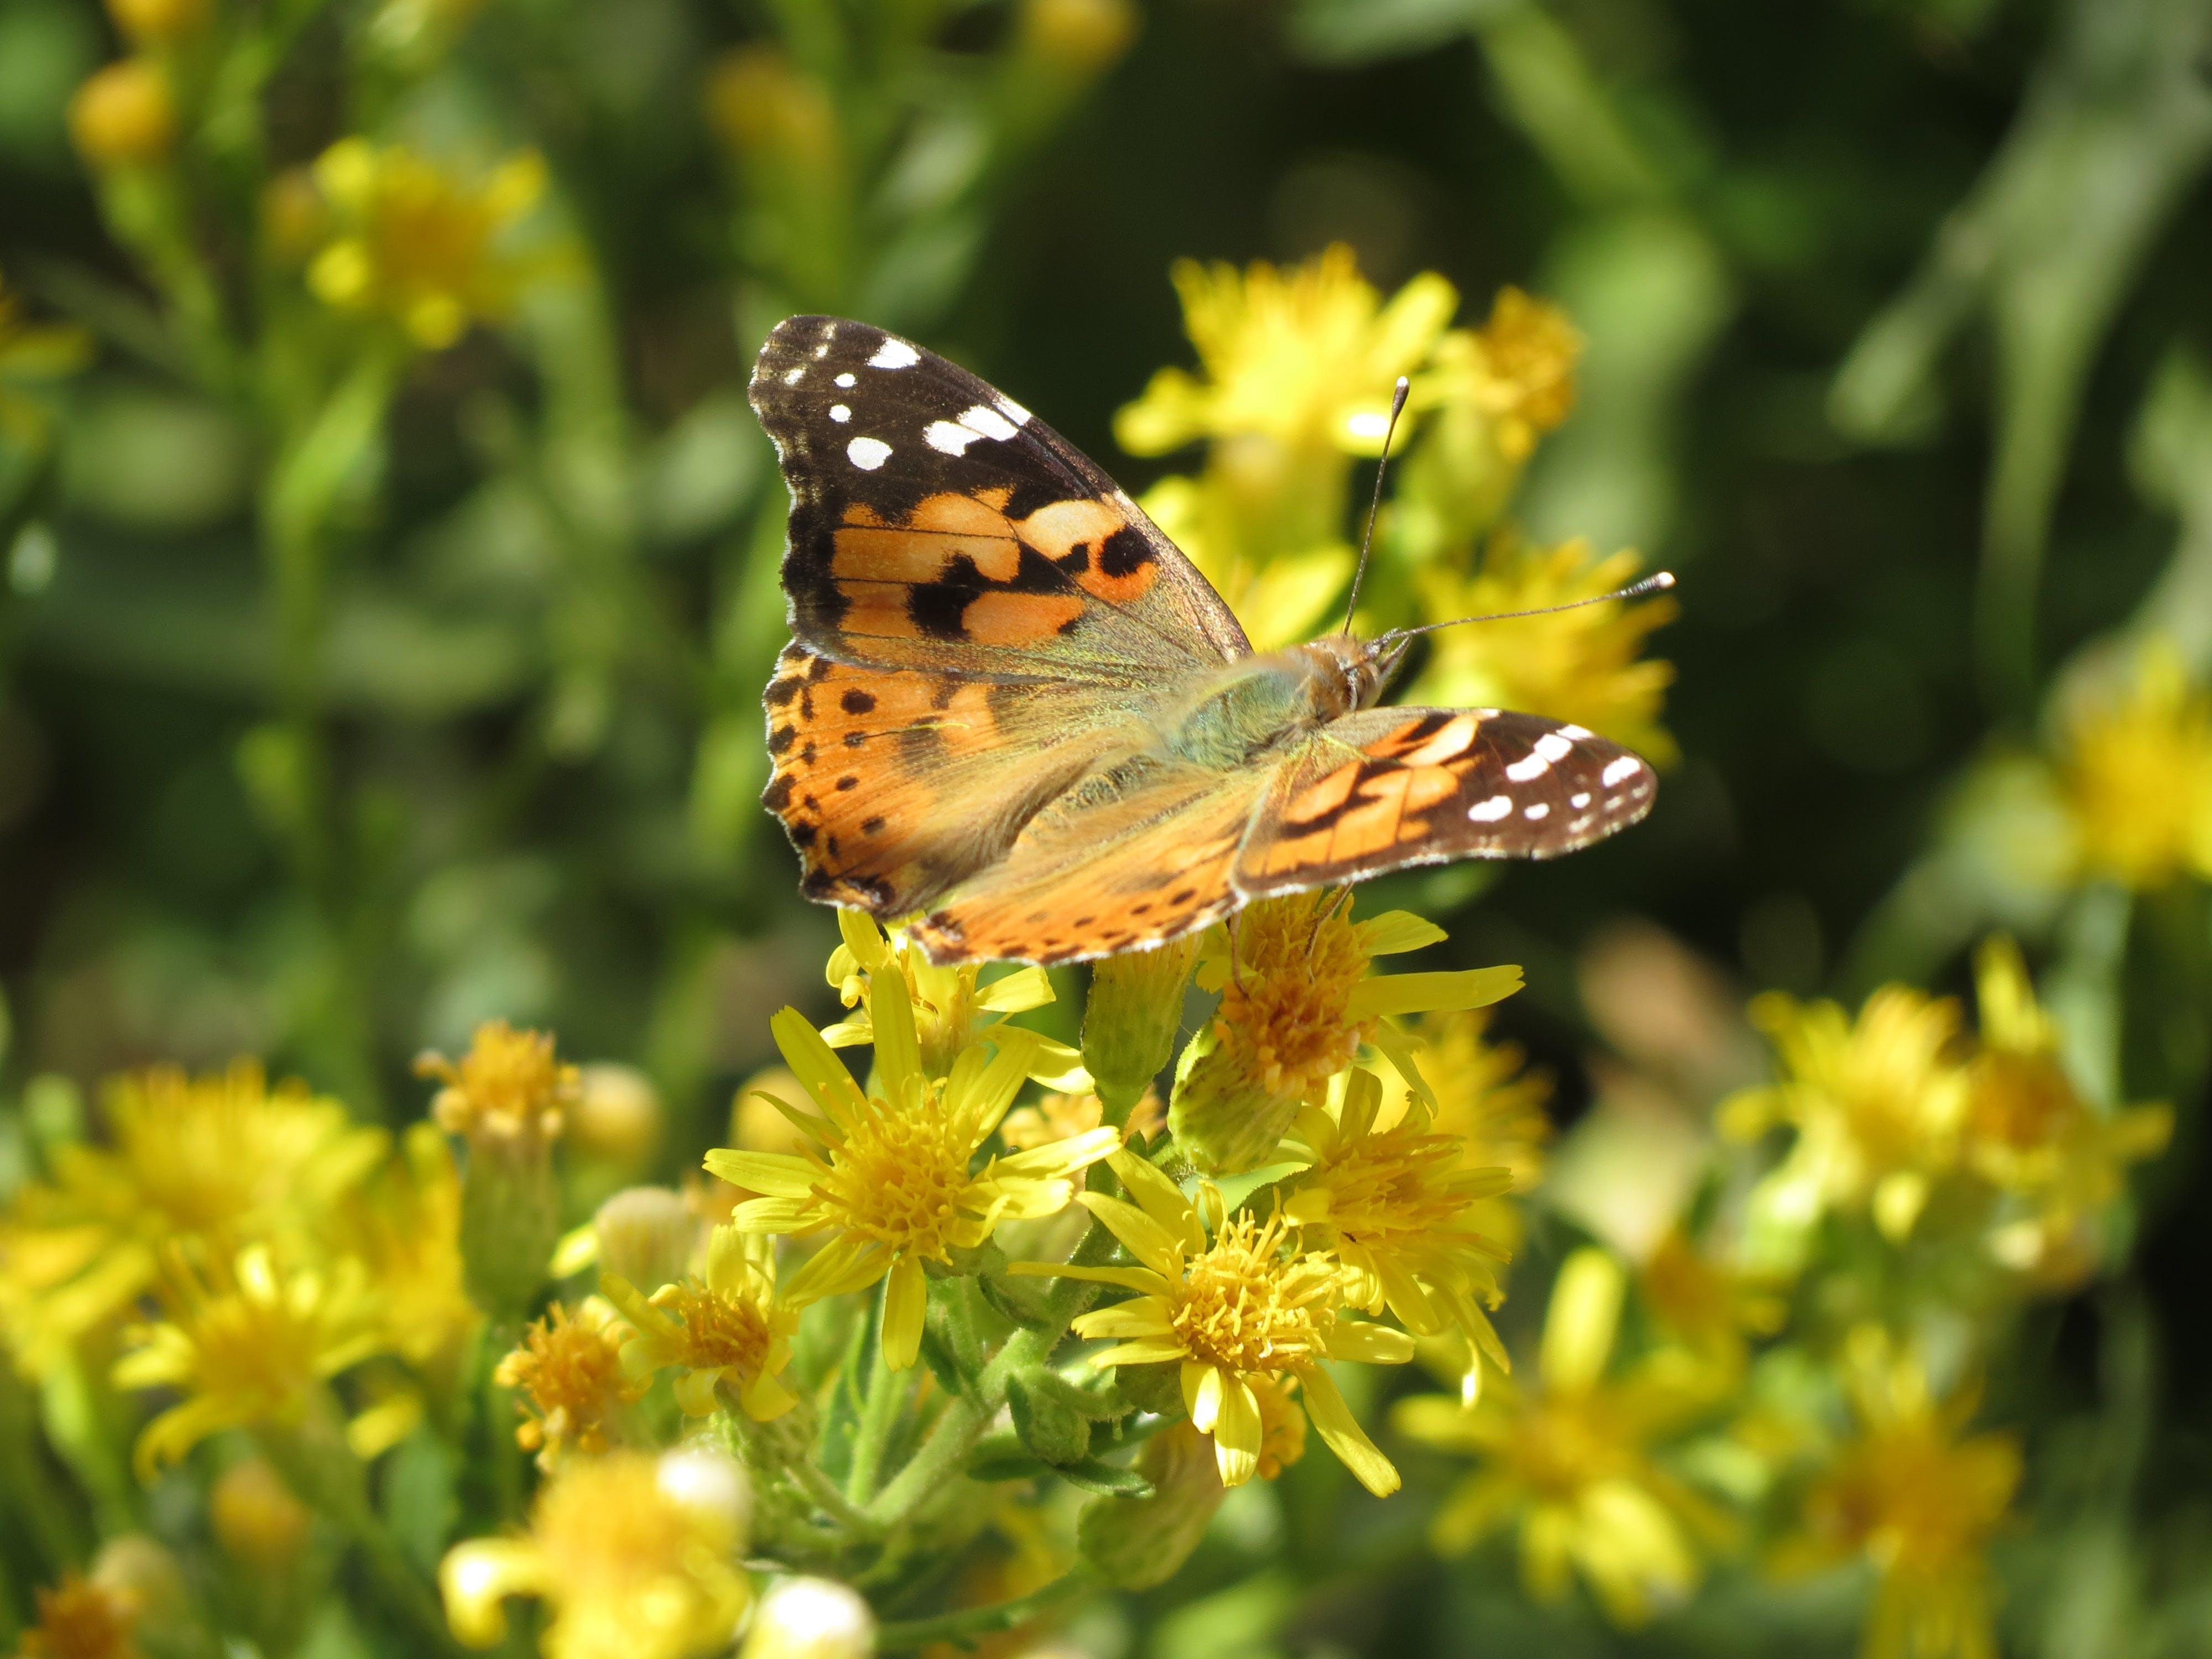 꽃에 나비, 노란색, 다채로운, 자연의 무료 스톡 사진